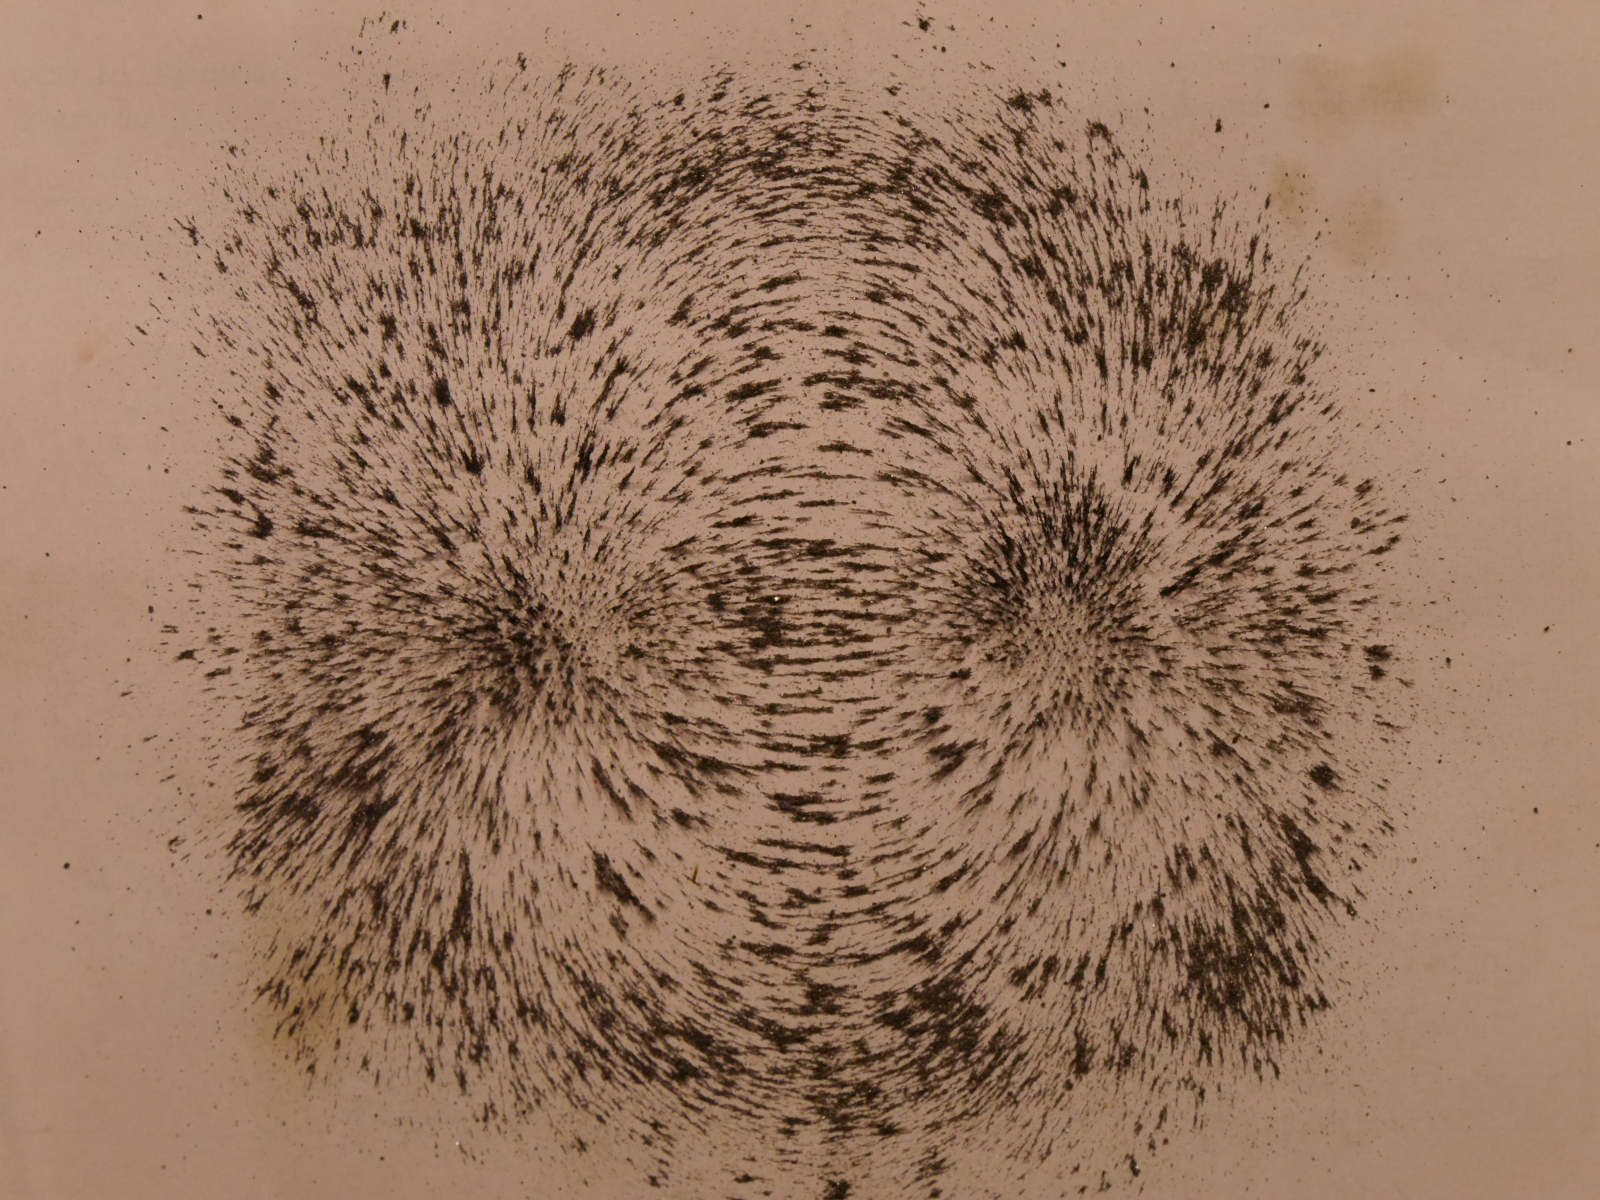 Магниты. Визуализация магнитных полей. 2zny8v9